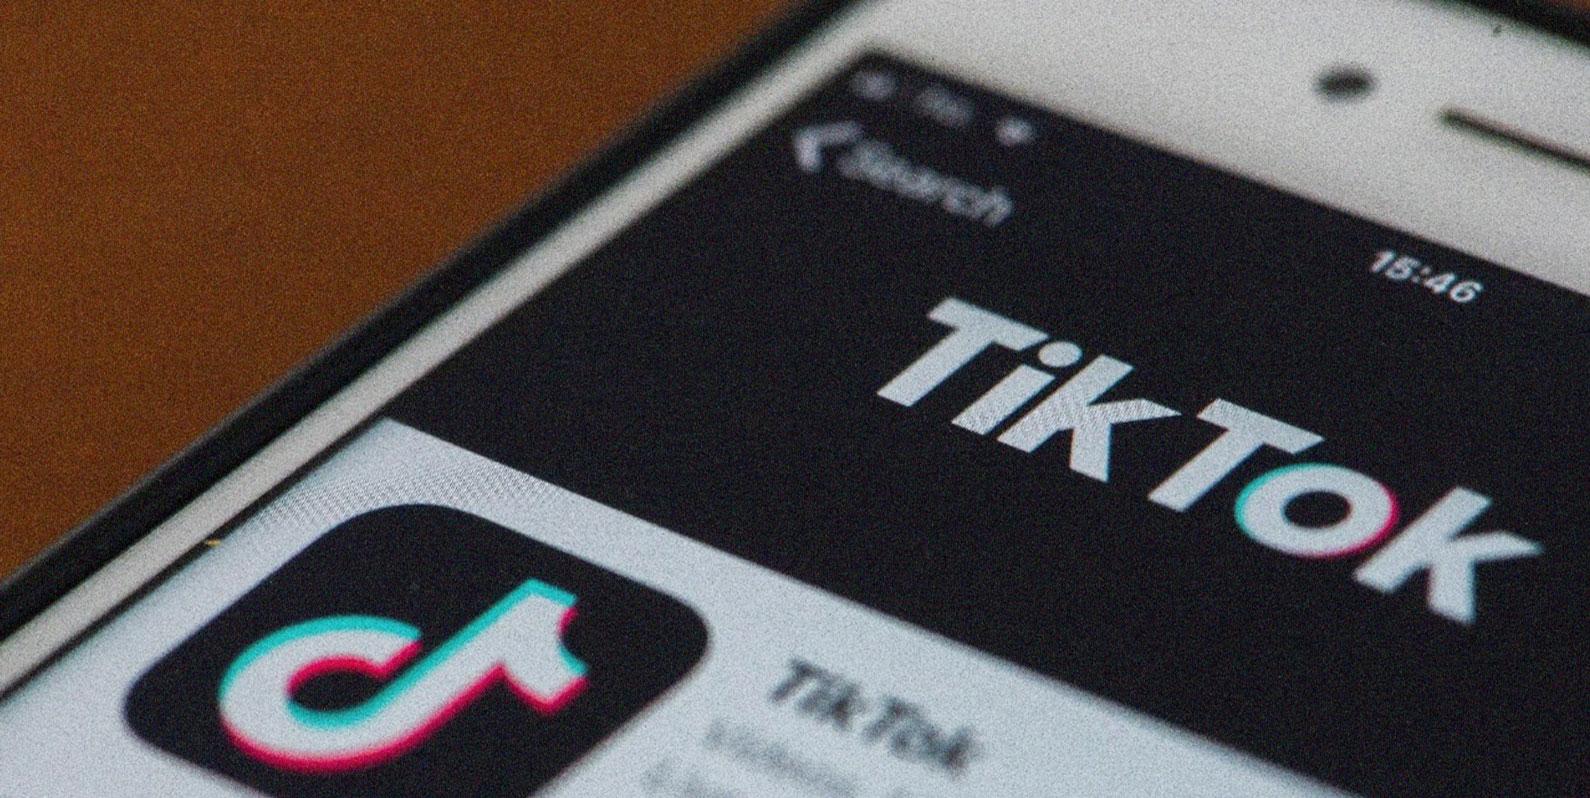 TikTok mudou o formato do rosto de algumas pessoas sem perguntar